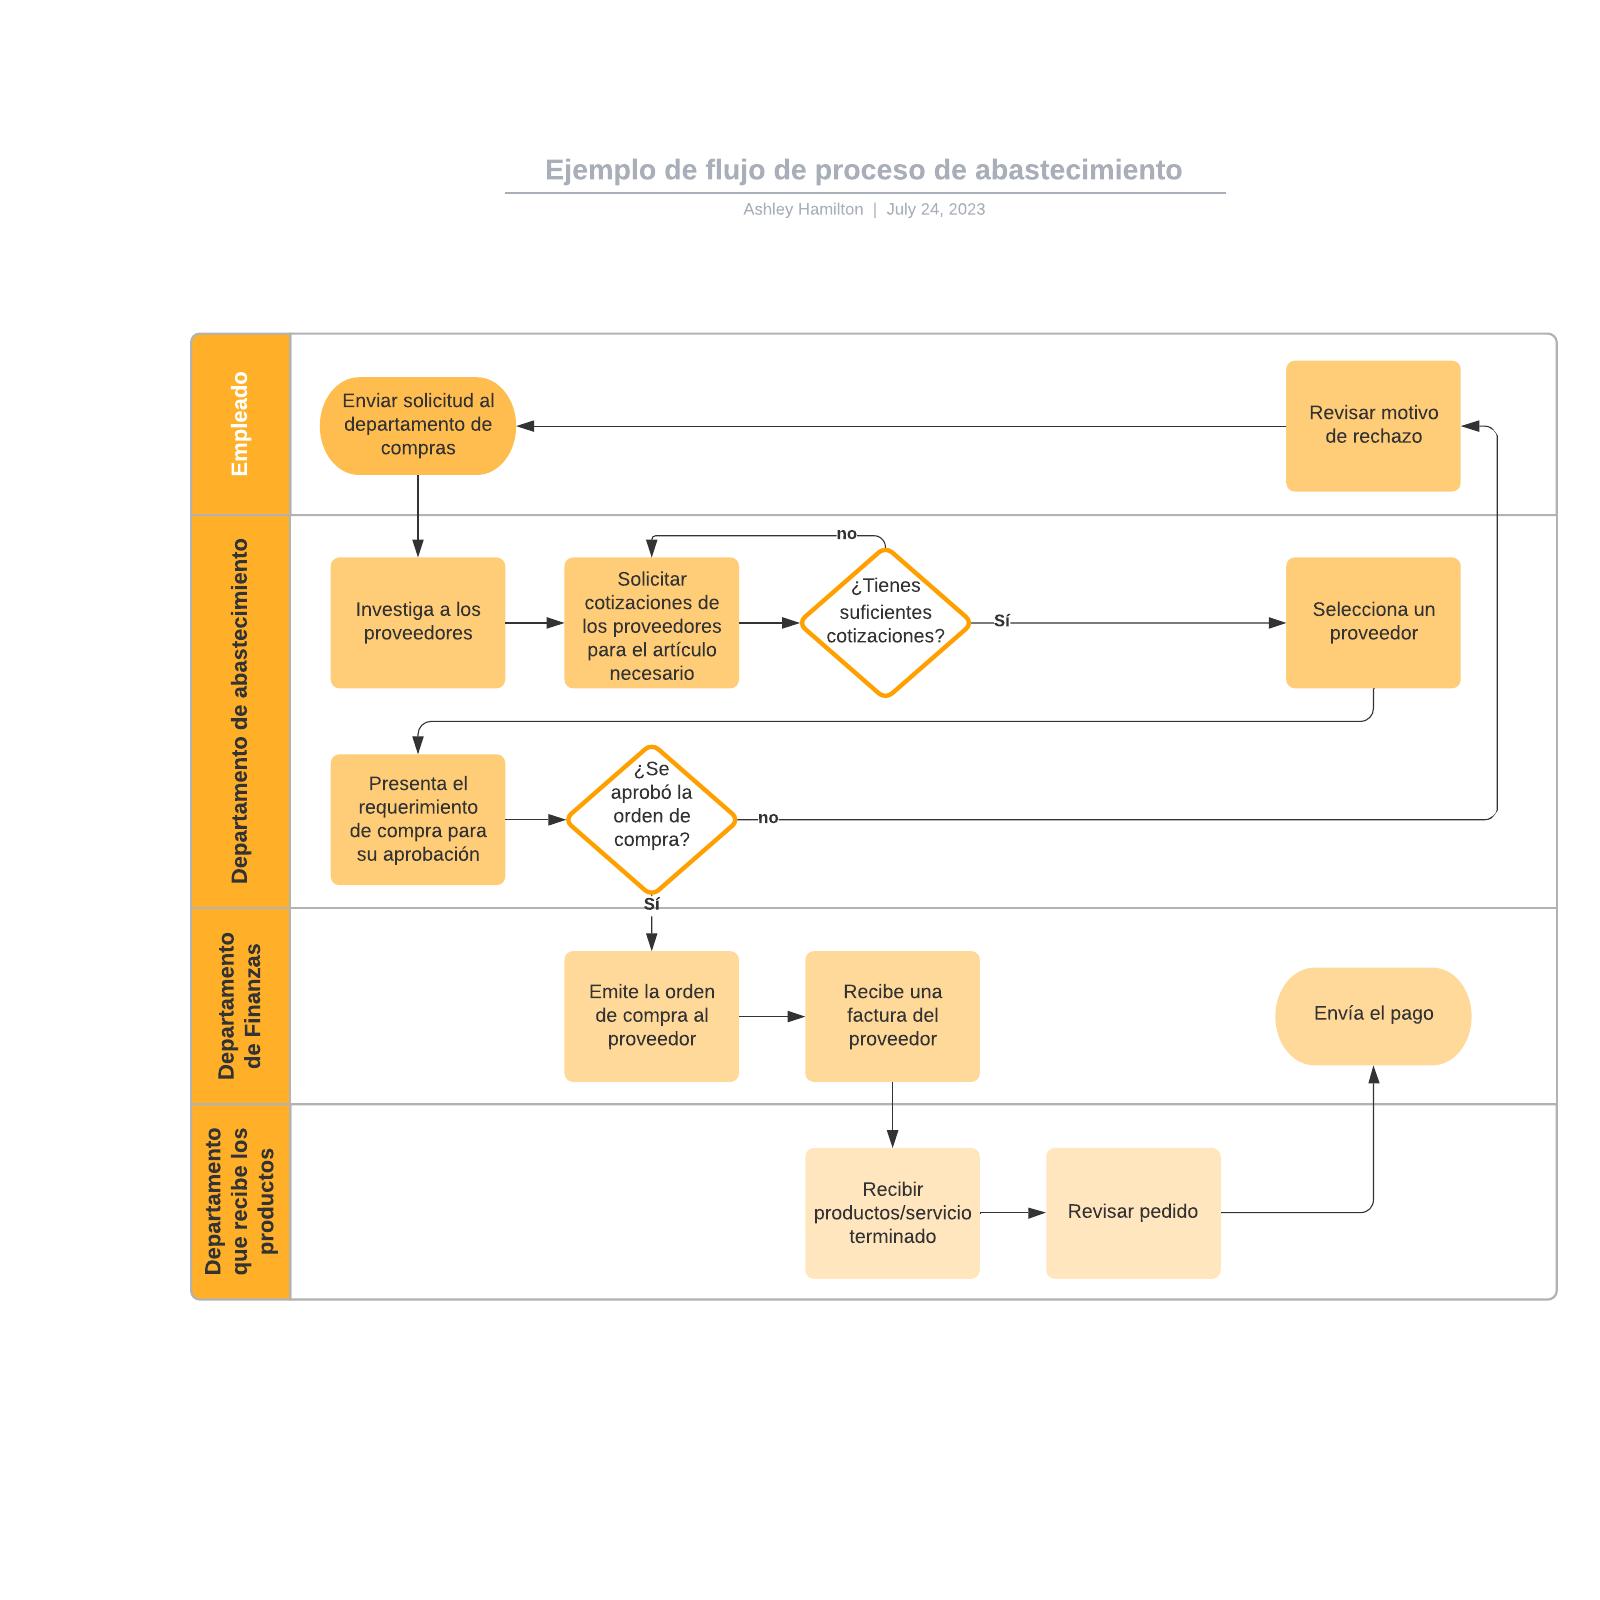 Ejemplo de flujo de proceso de abastecimiento